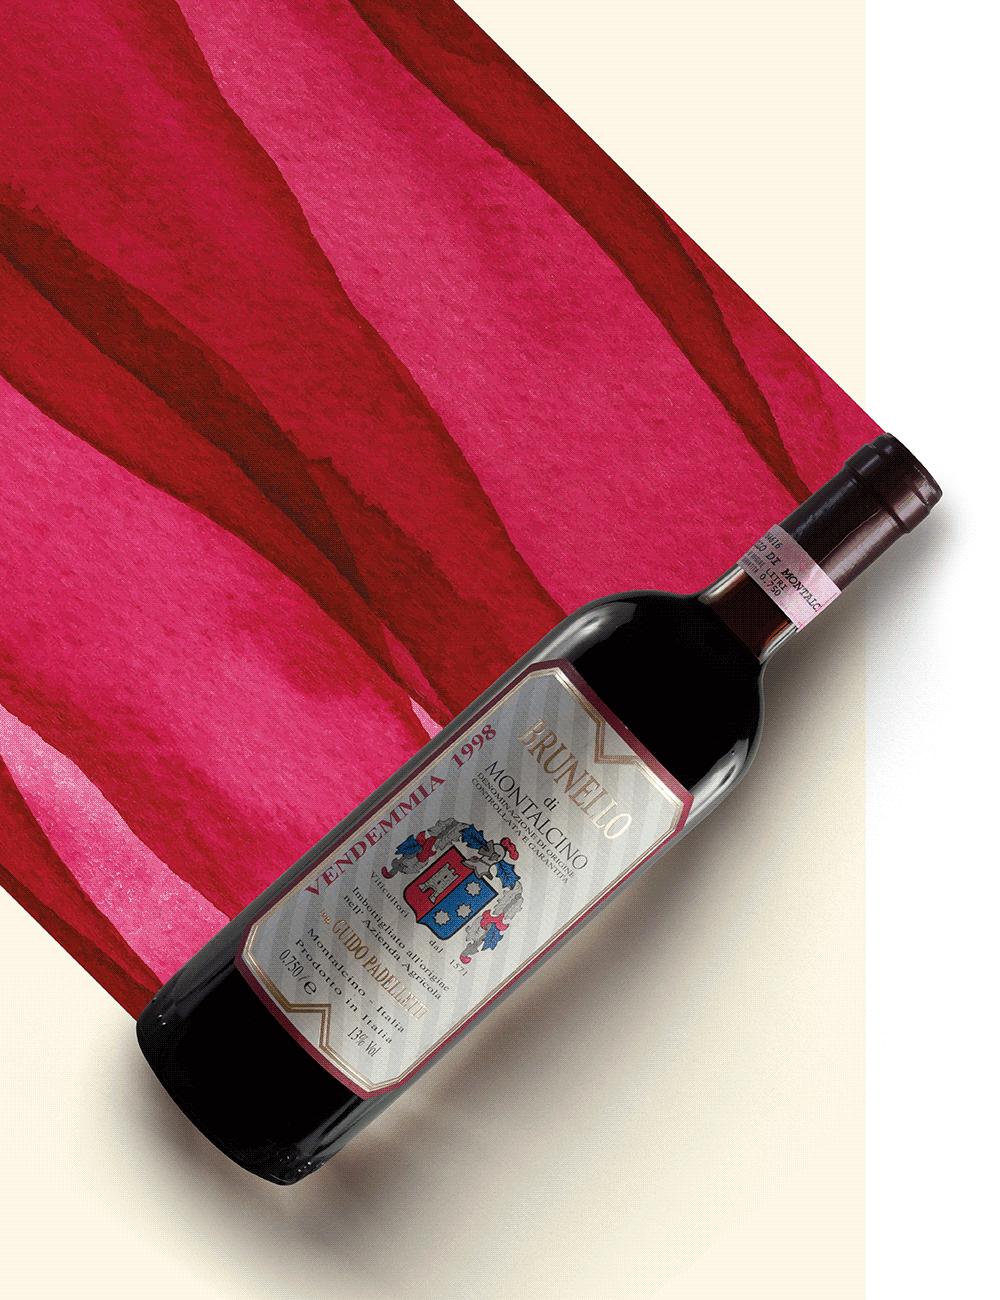 Padelletti Brunello di Montalcino 1998